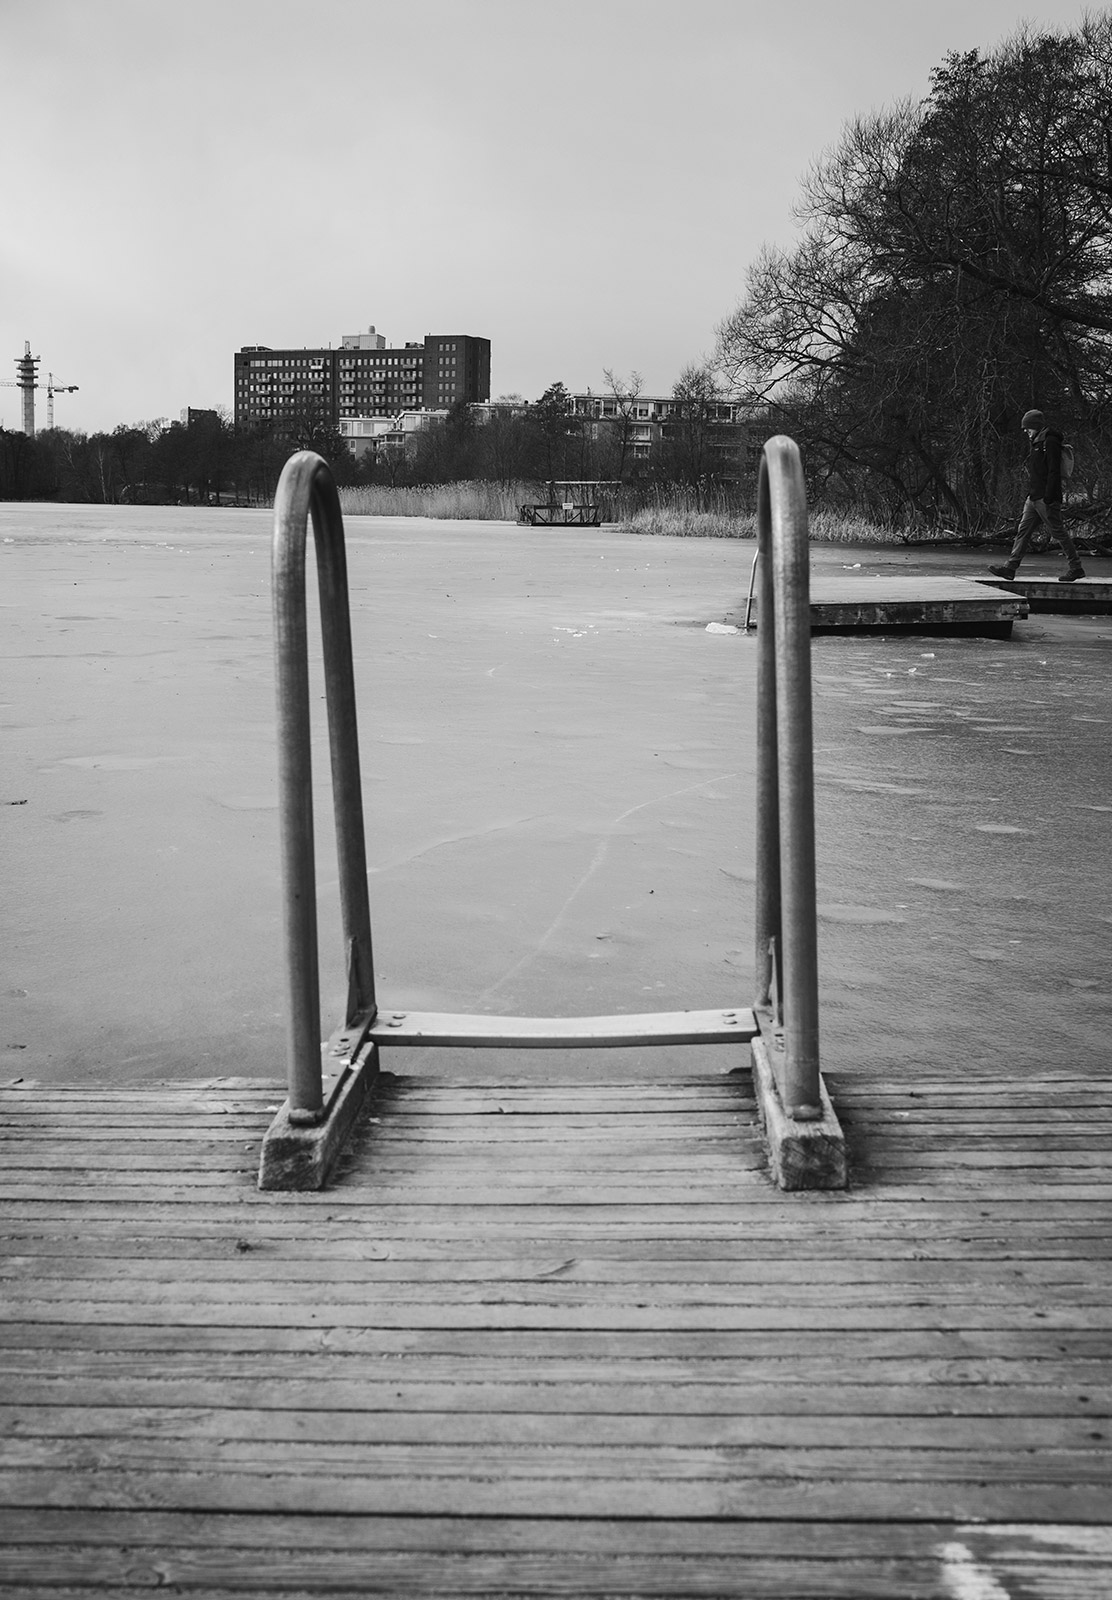 Swim steps into frozen water